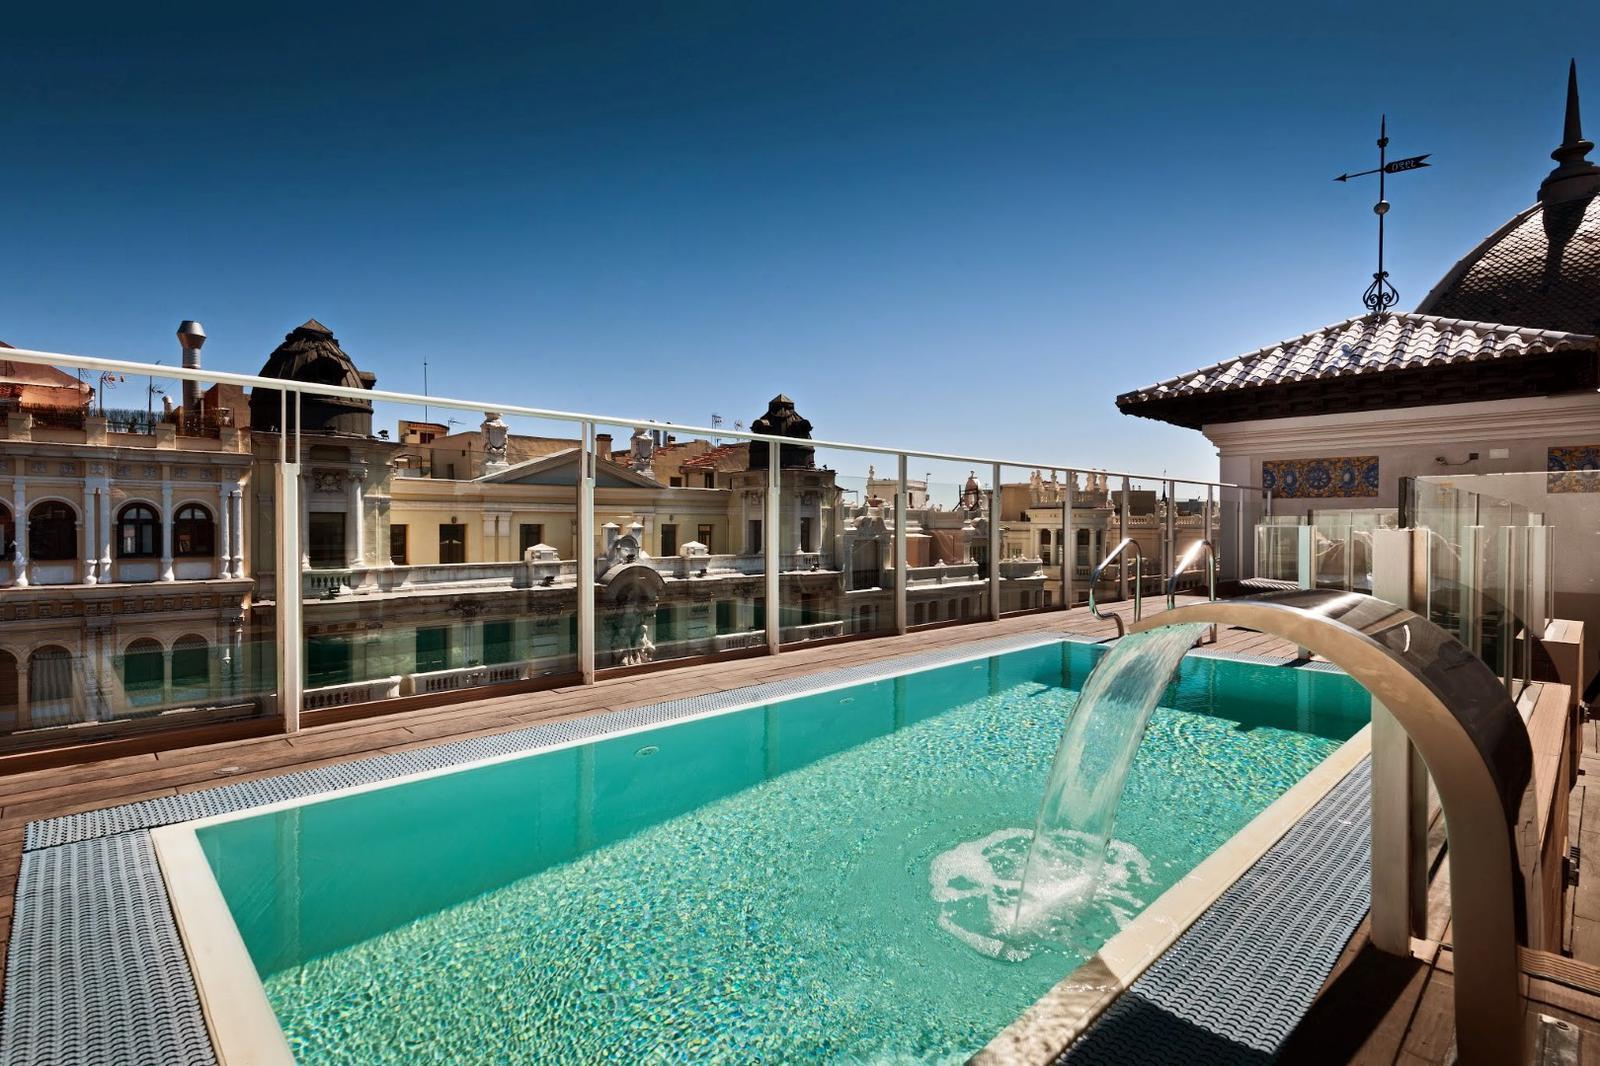 Pisicina en la terraza del hotel Catalonia Gran Vía en Madrid